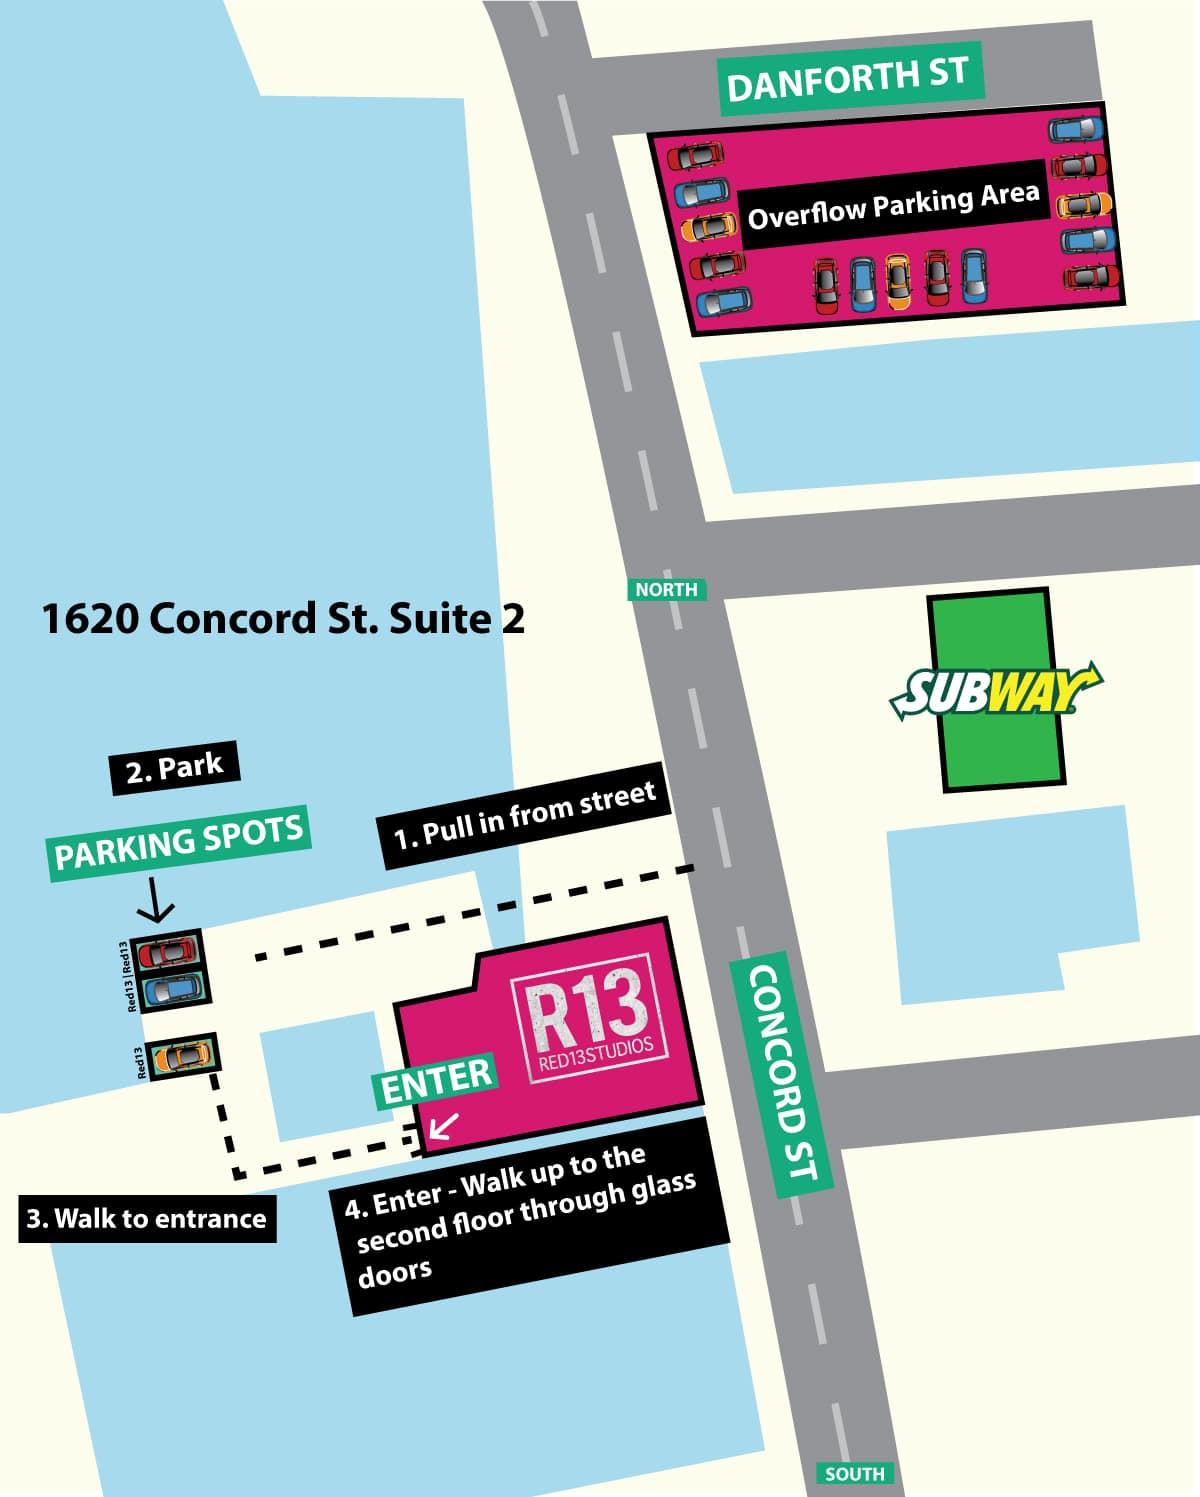 180403_red13Studios_map_3